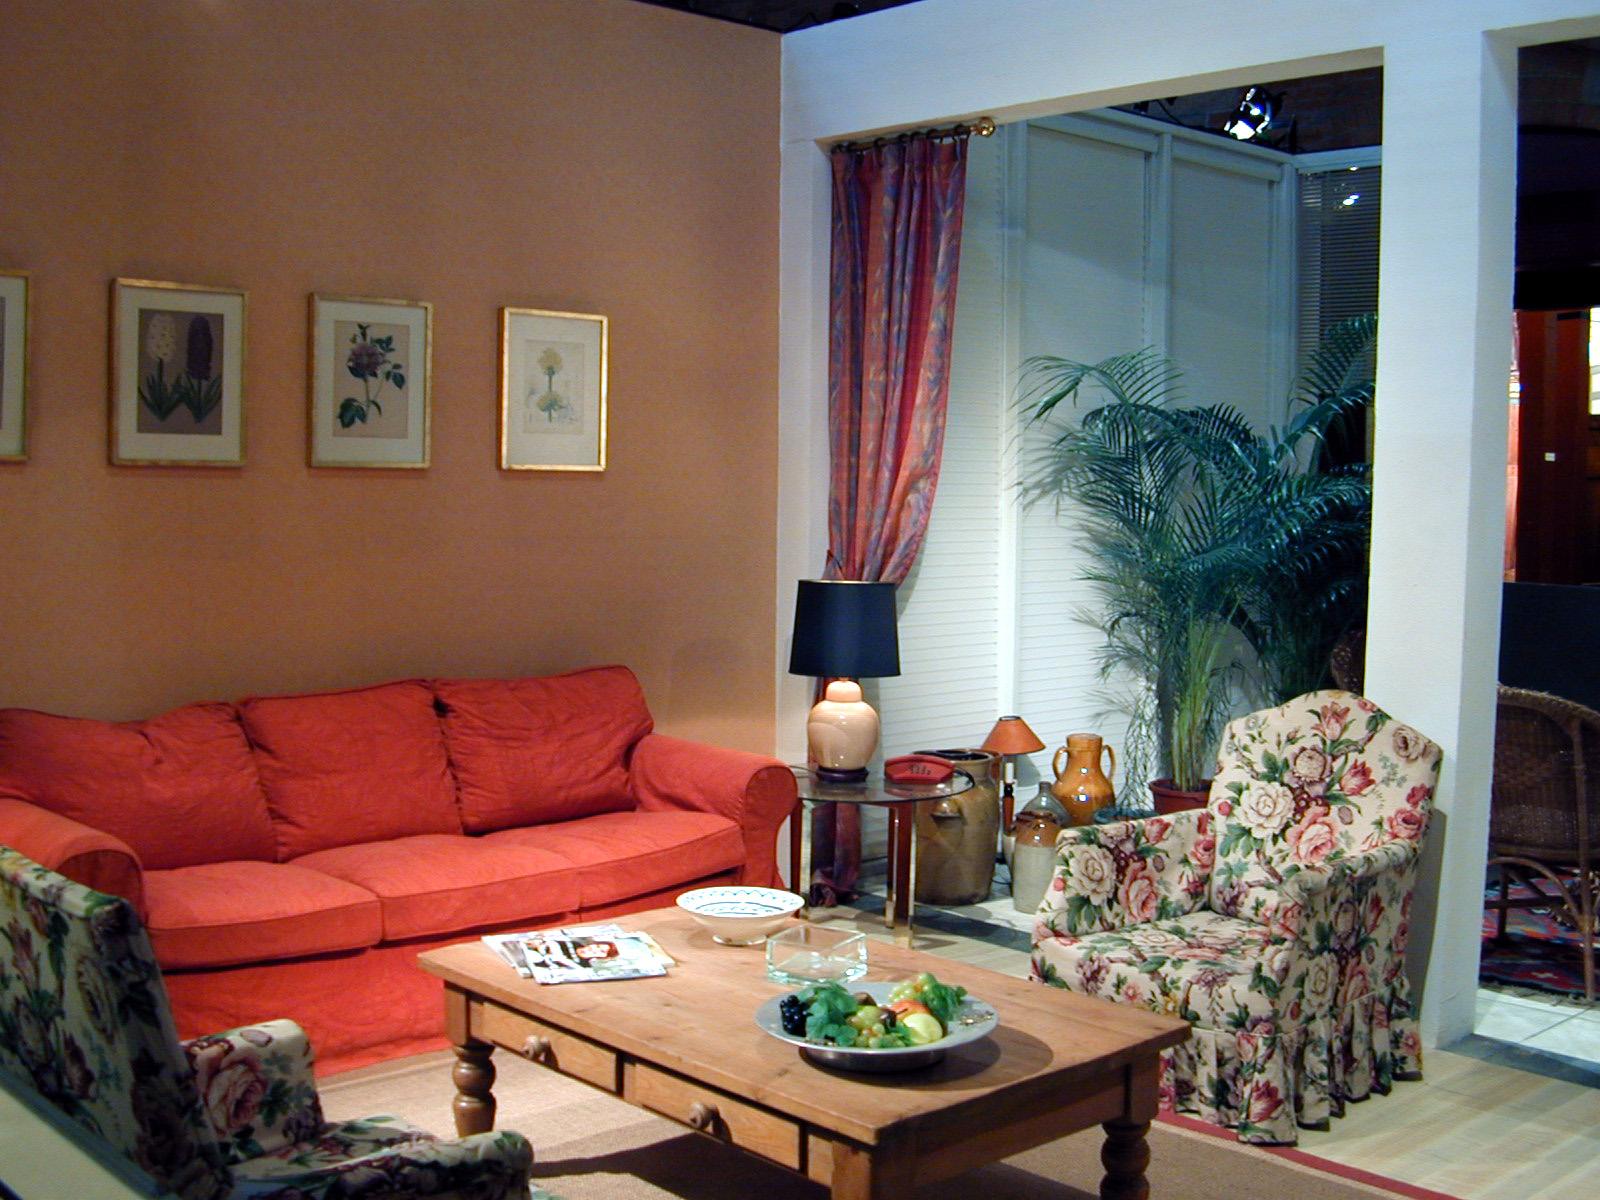 http://3.bp.blogspot.com/-Dc3yzbvlVS8/T8_Q6sUOCqI/AAAAAAAAAV8/Zn8X-fL8ghw/s1600/interior%20wallpaper%20(4).jpg